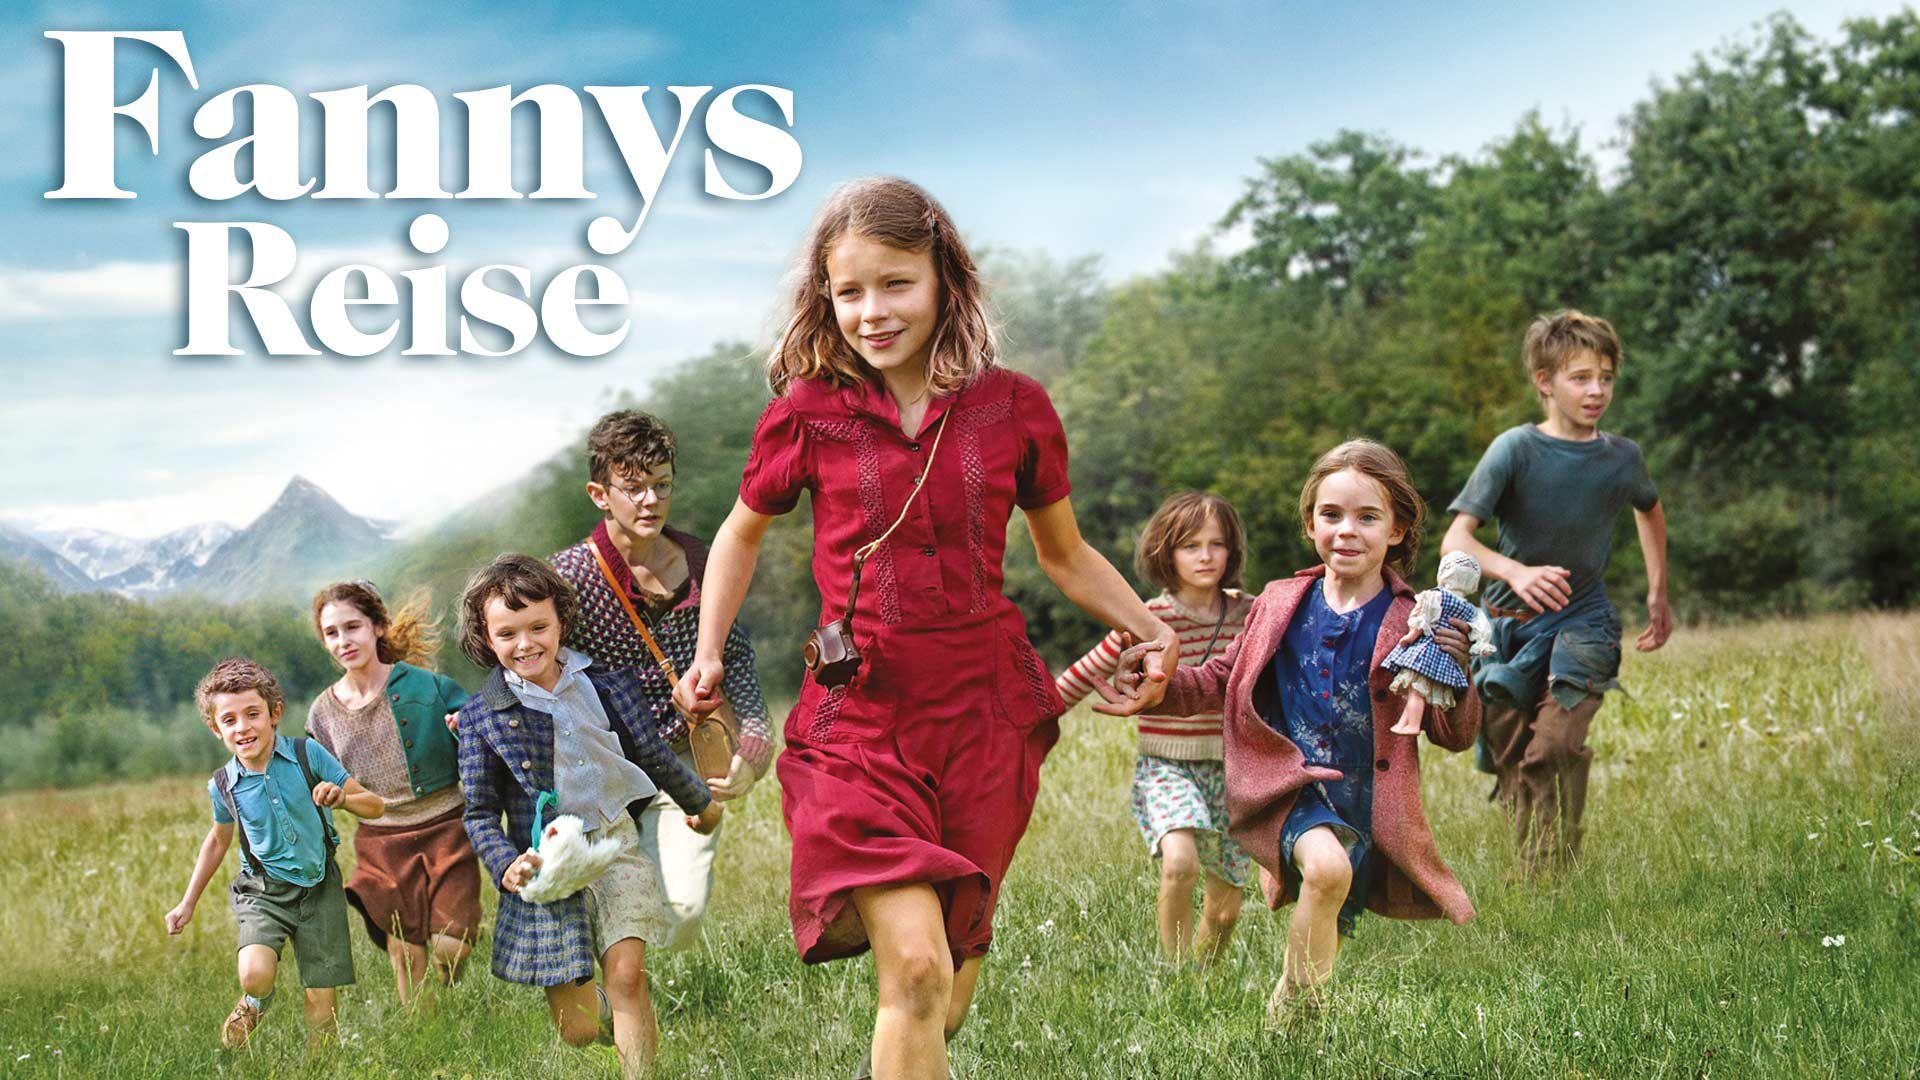 Fannys Reise